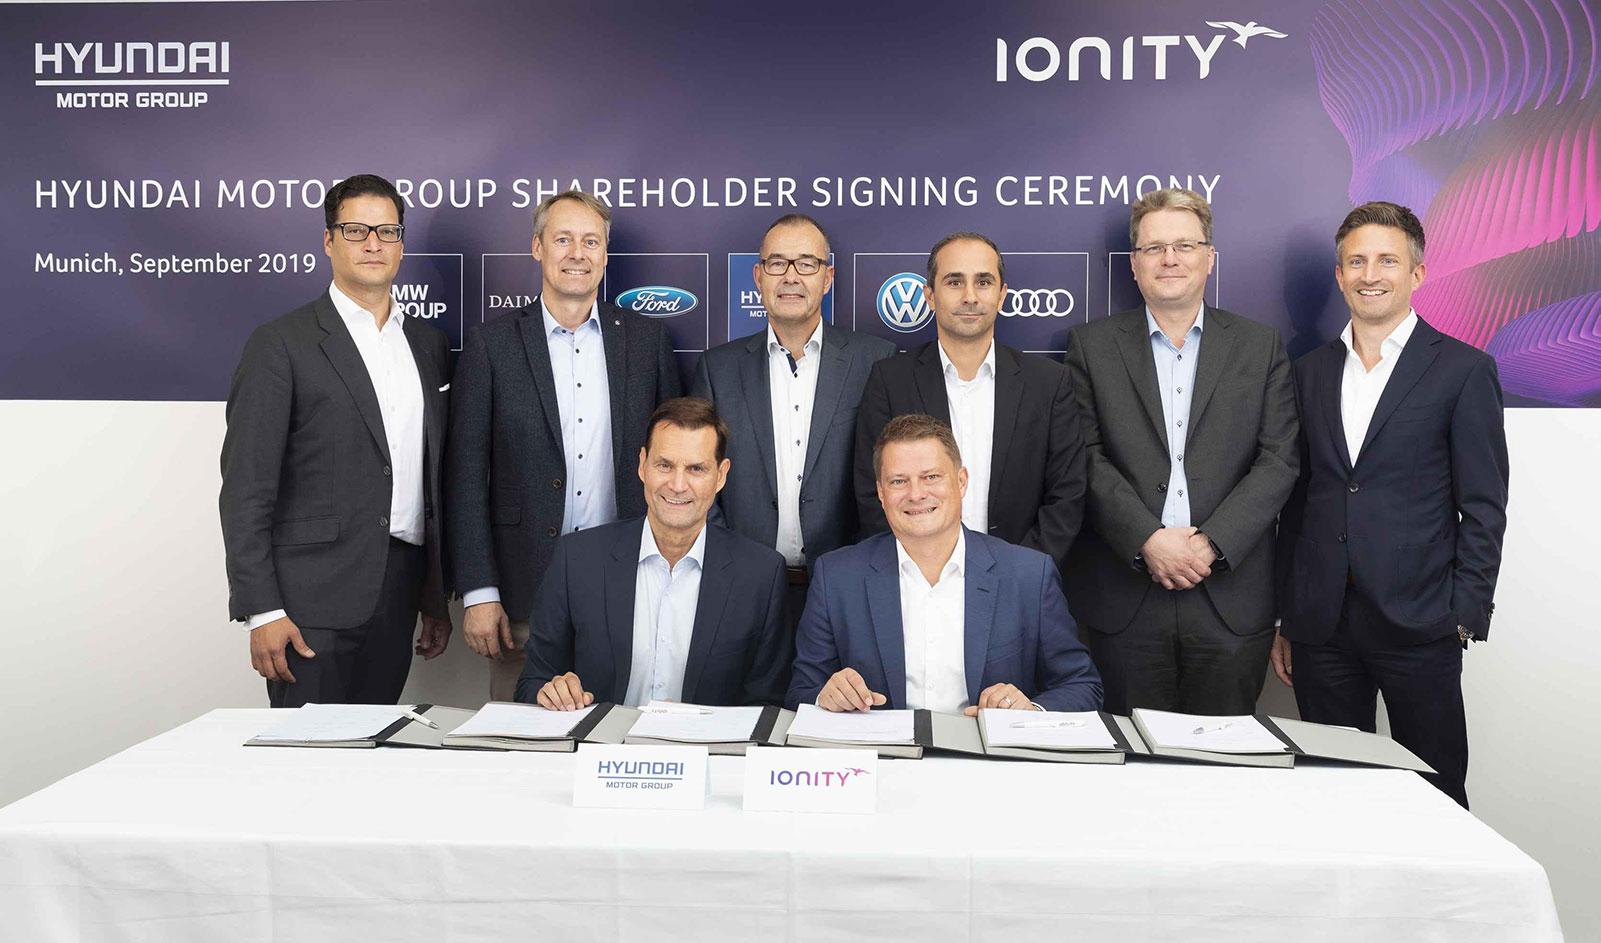 Kia investiert in Ionity, Vertragsunterzeichnung